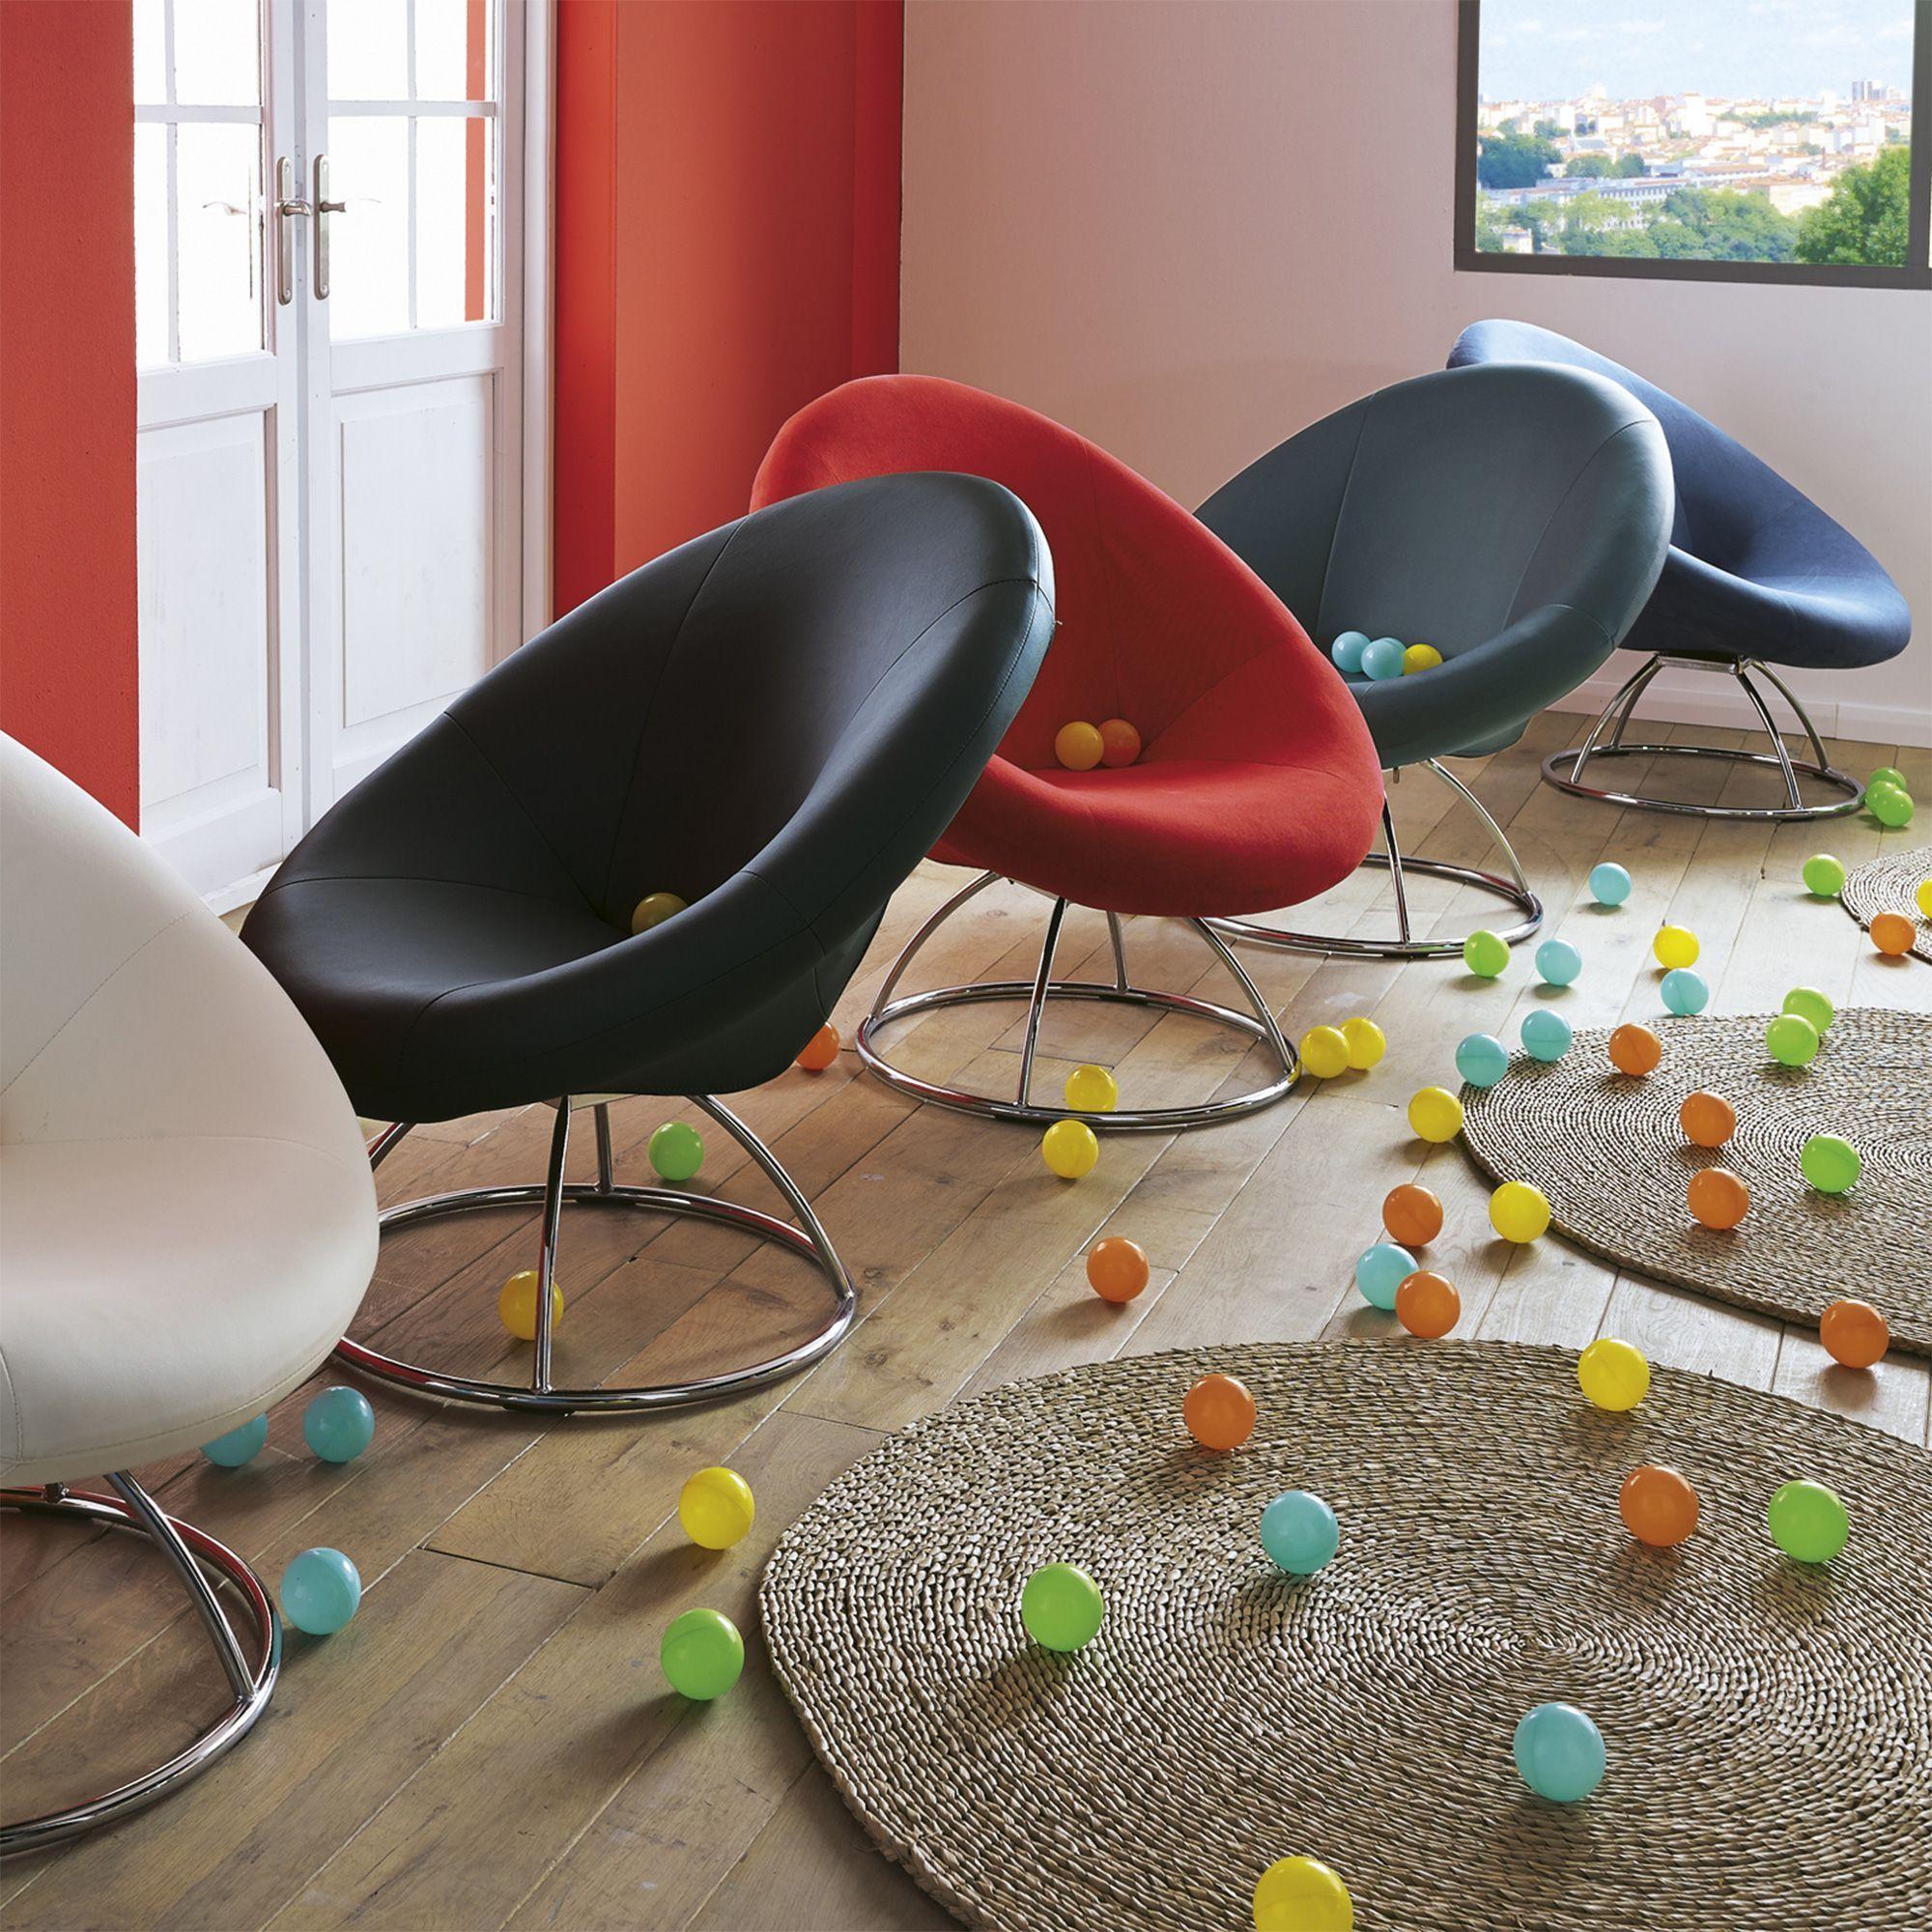 Fauteuil Forme Design Plusieurs Coloris Disponibles Elipse - Fauteuil design pour salon